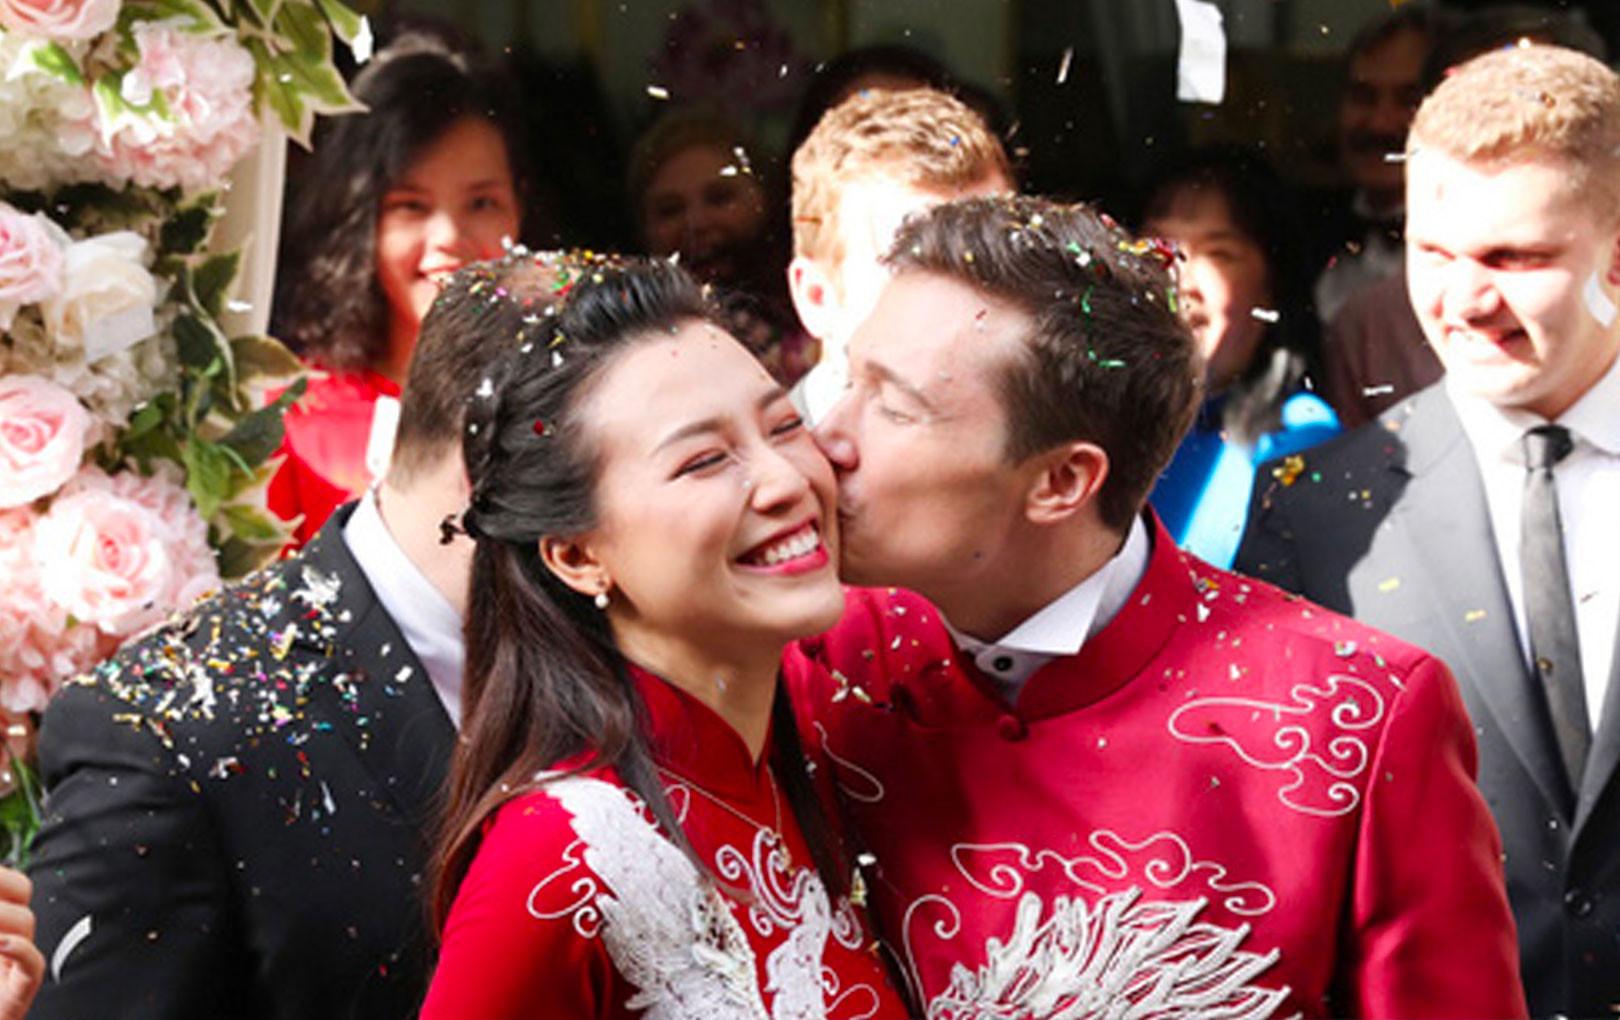 Cô dâu Hoàng Oanh hạnh phúc bên chồng Tây, liên tục khoá môi nhau ngọt ngào trong lễ rước dâu